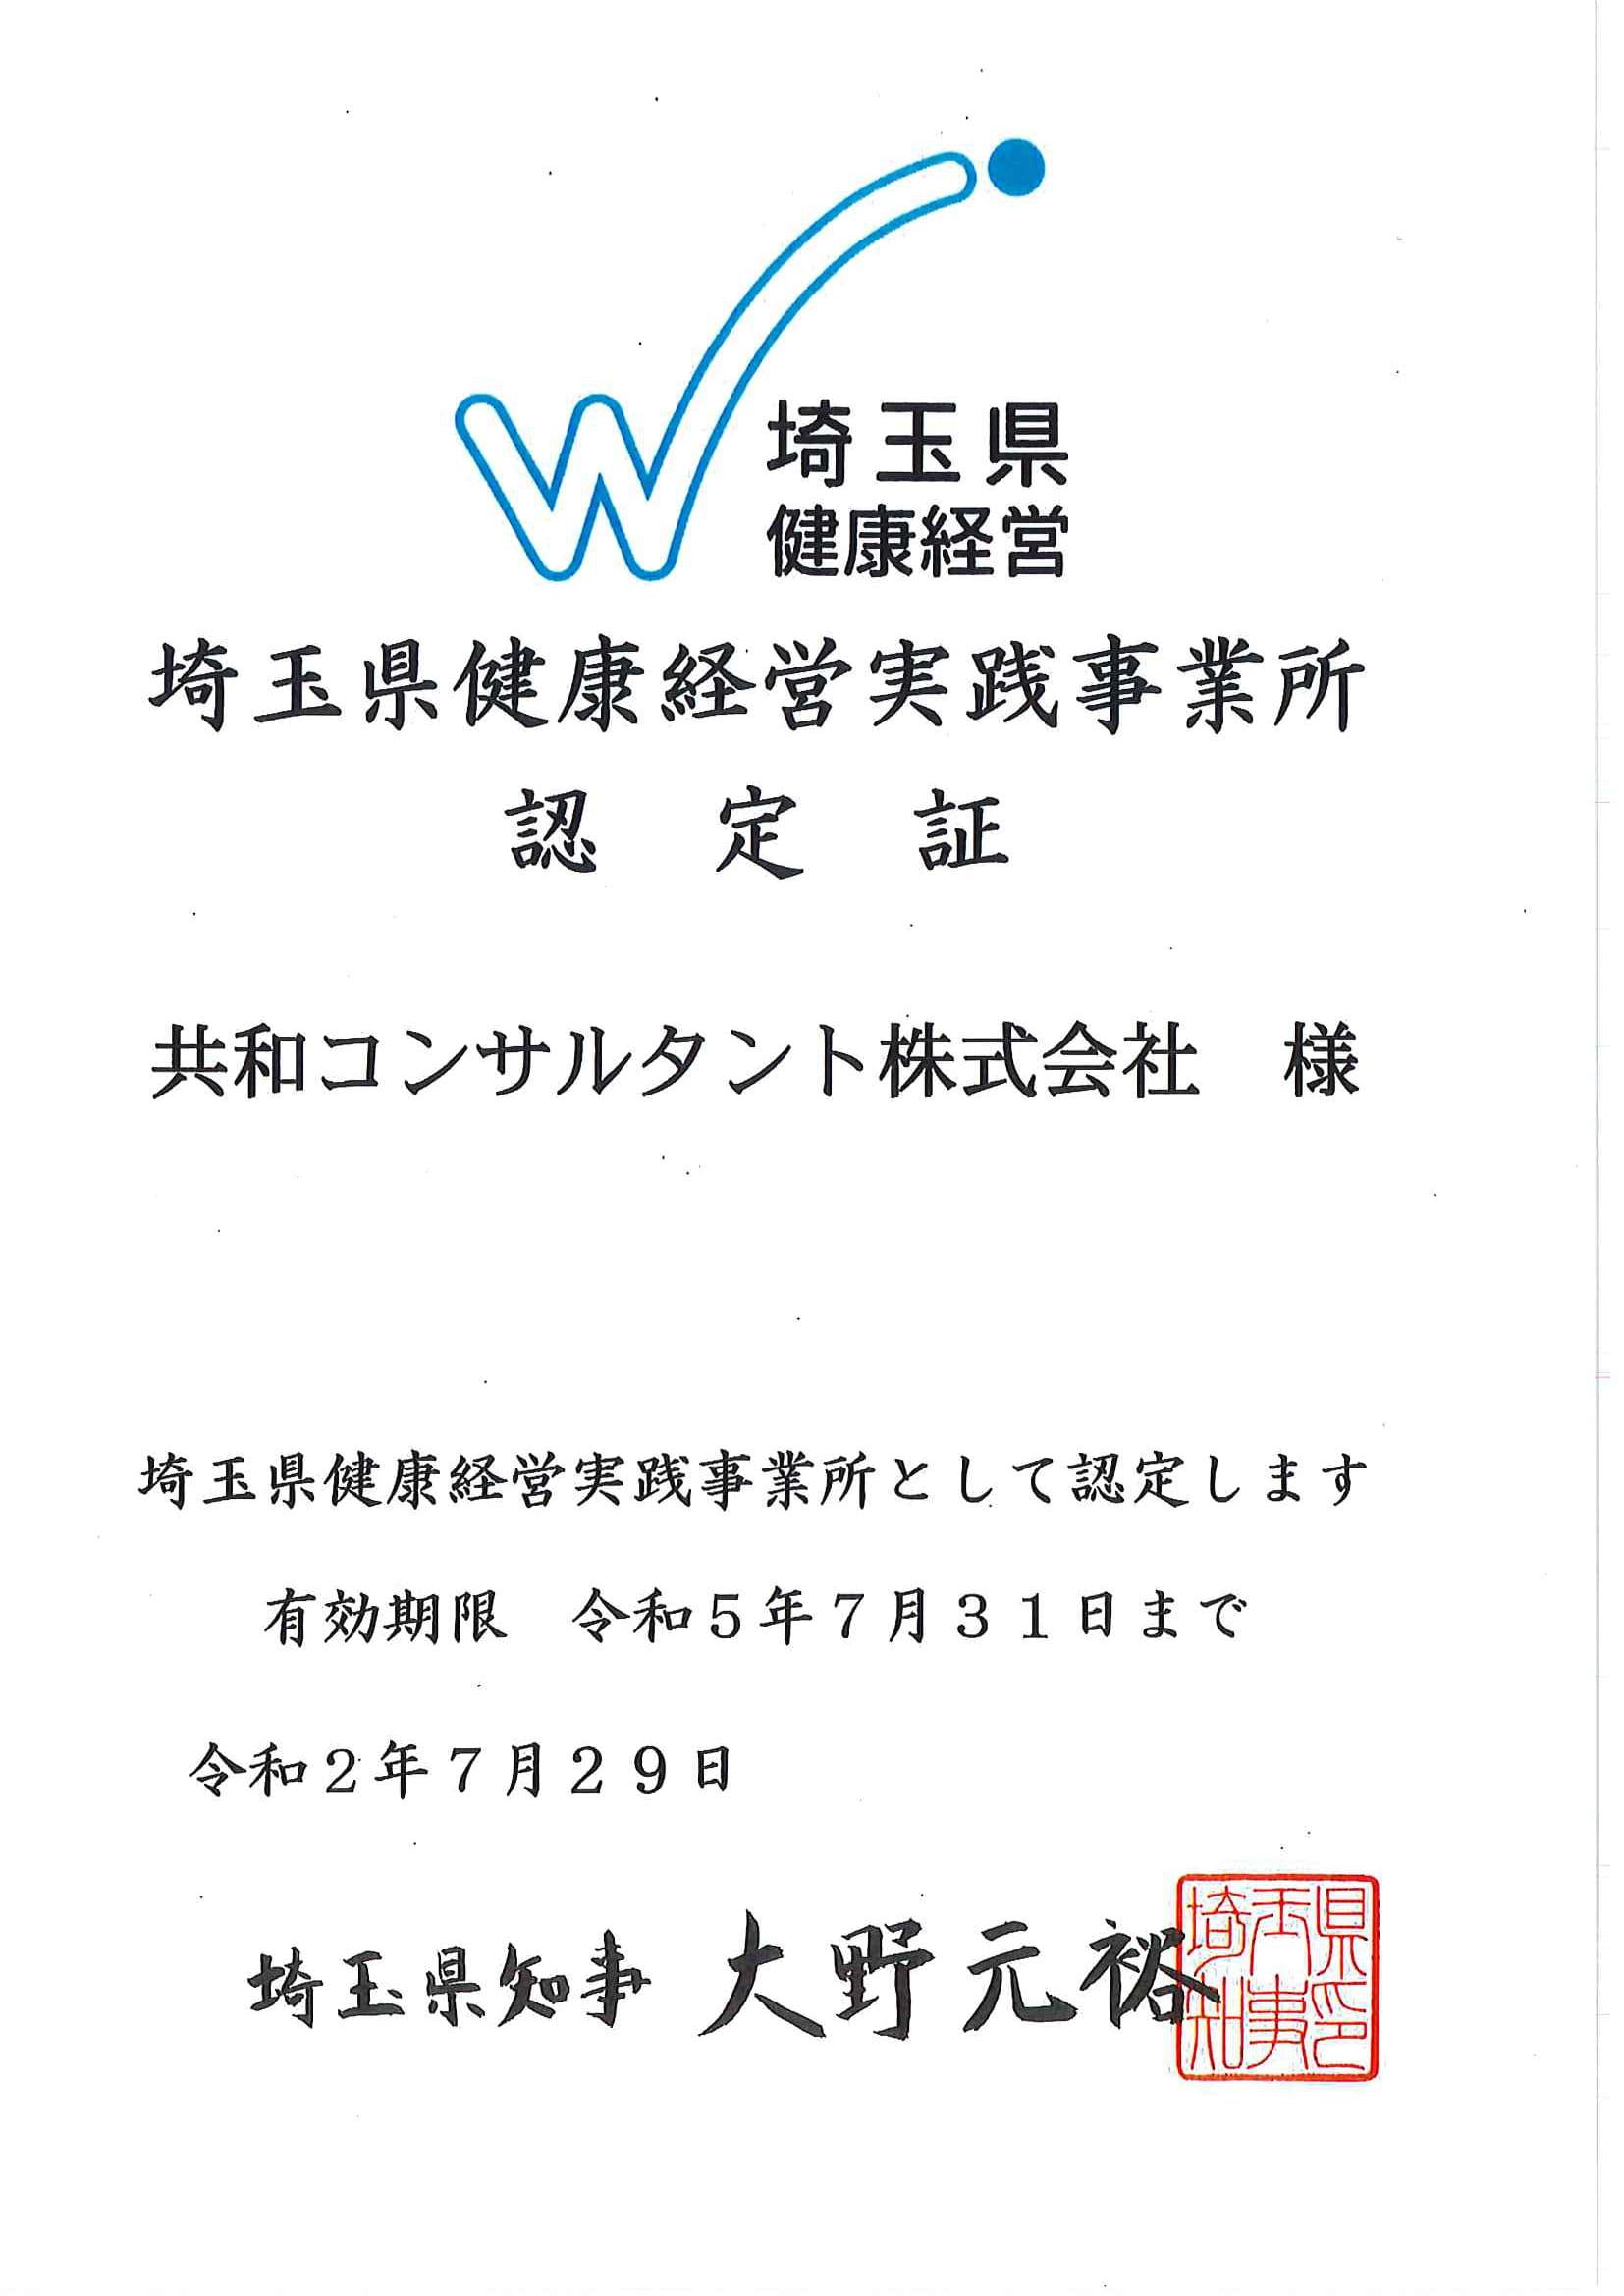 埼玉県健康経営実践事業所の認定証を取得致しました。